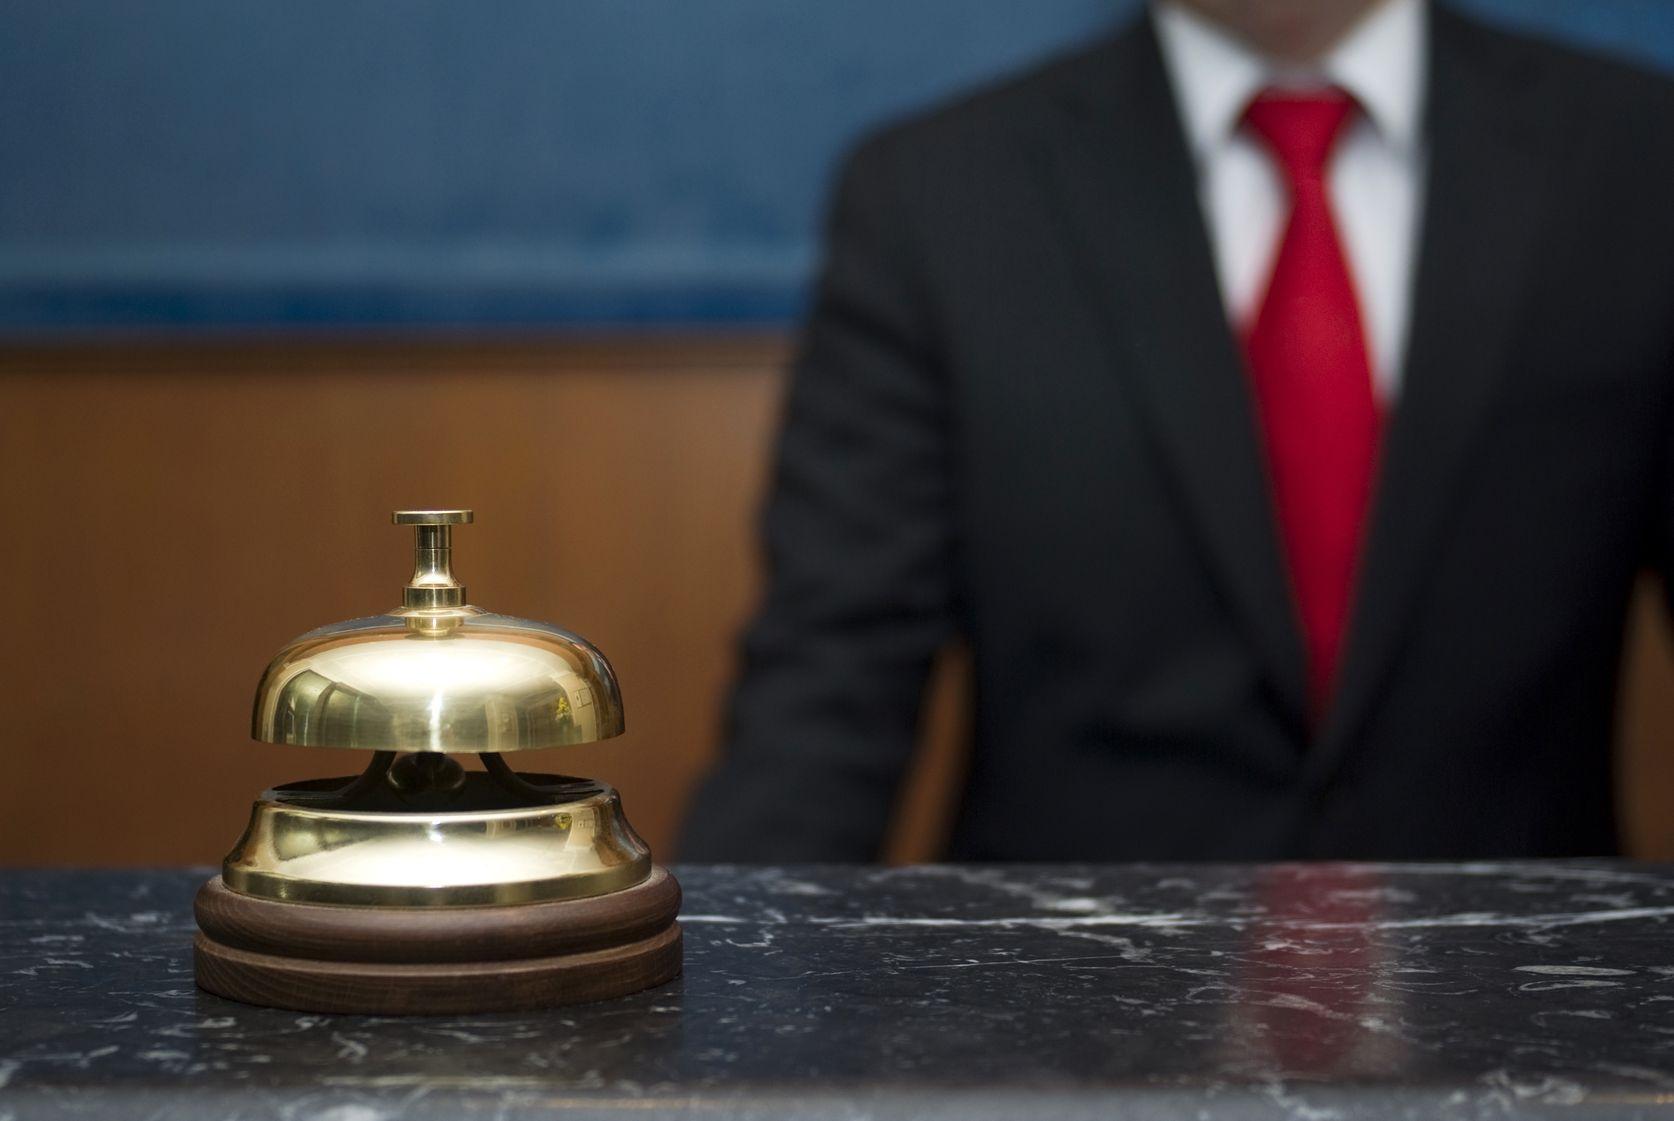 Cosa fa il direttore Hotel: Mansioni, responsabilità e percorsi di carriera